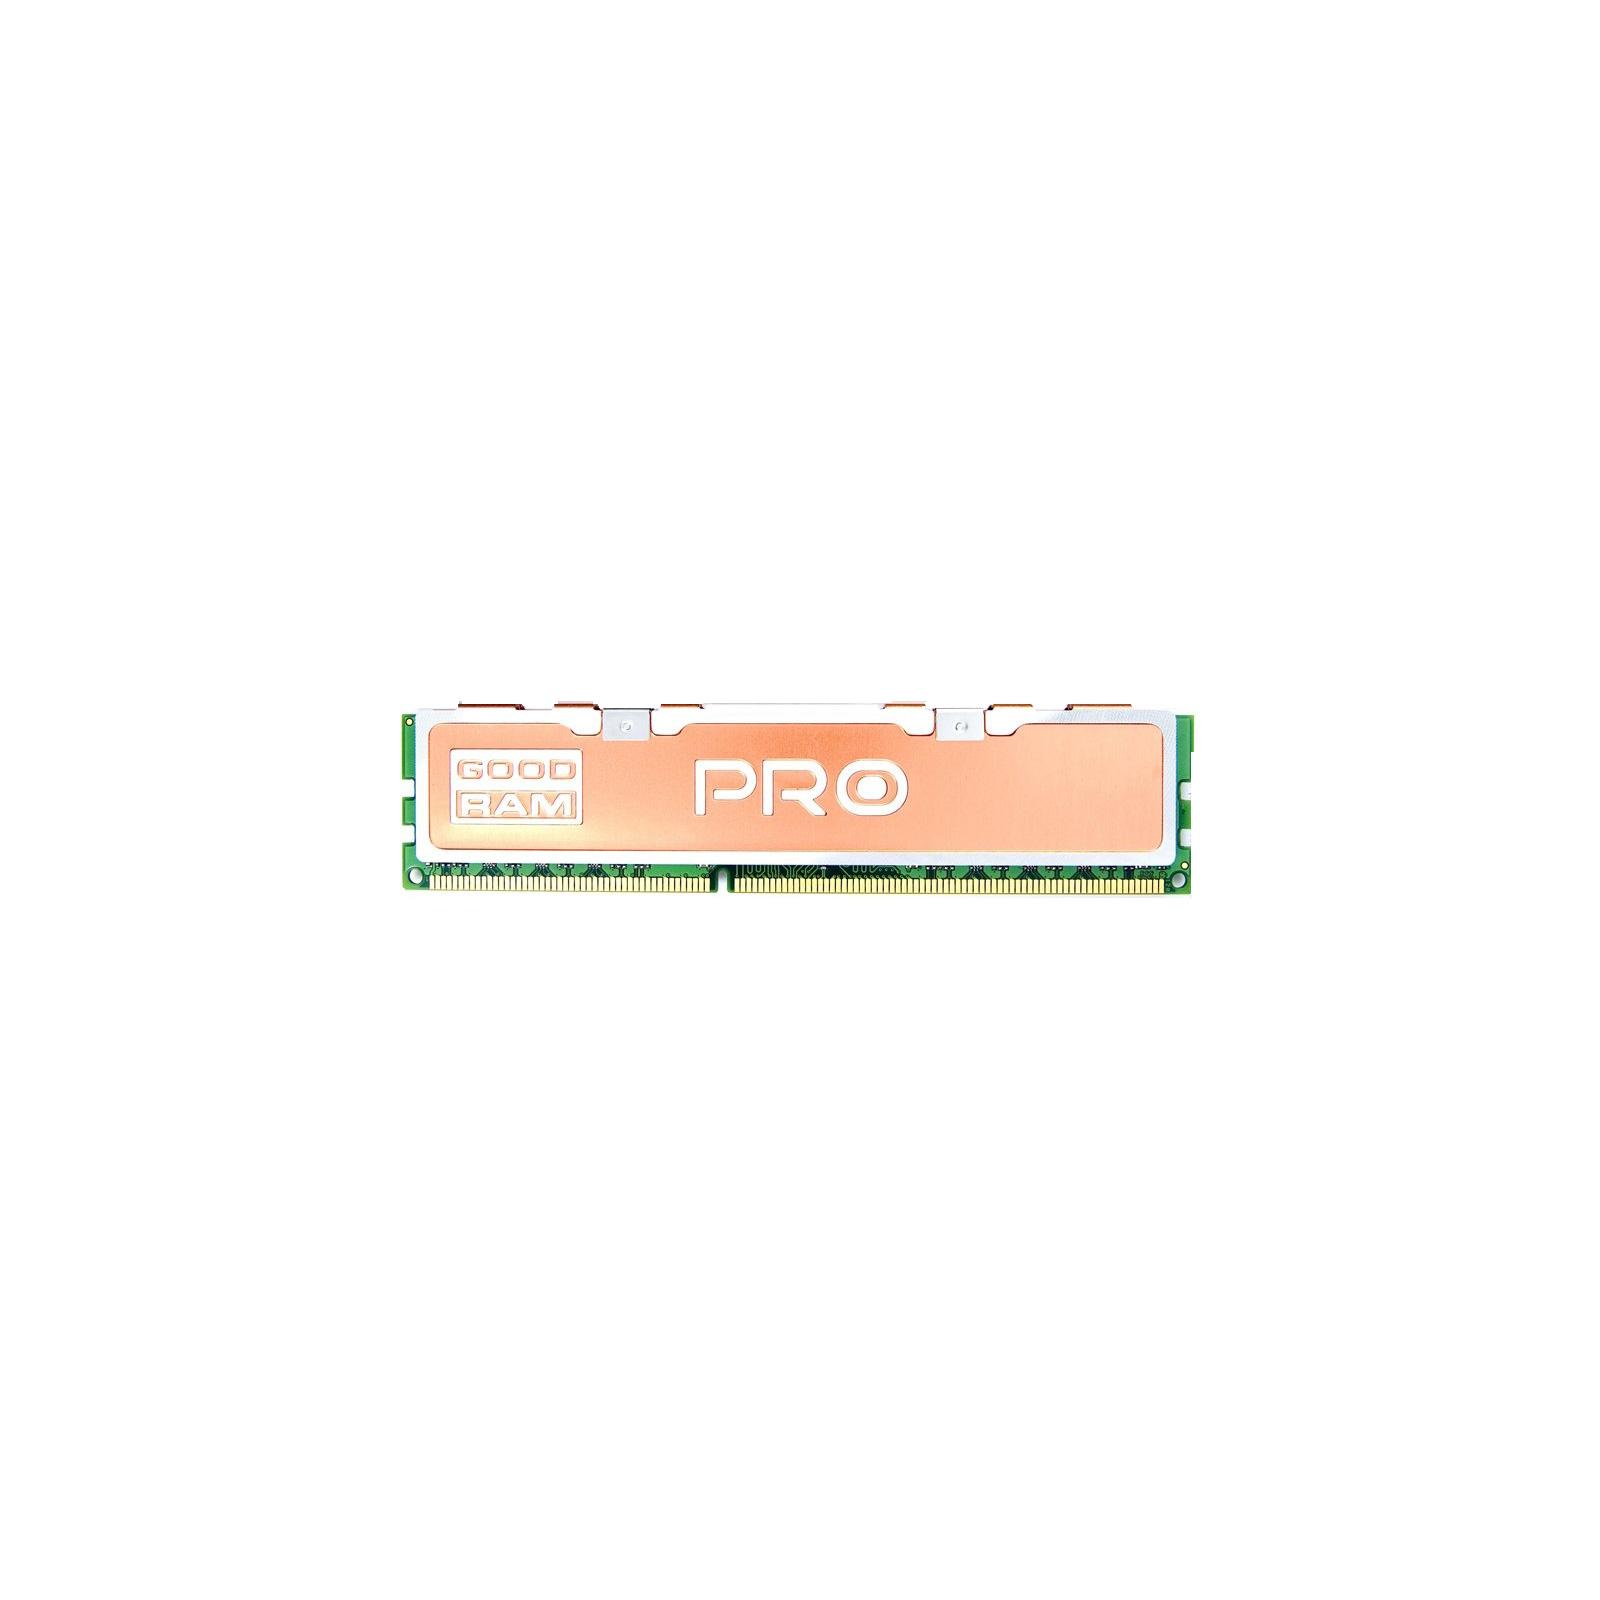 Модуль памяти для компьютера DDR3 4Gb 2400 MHz PRO GOODRAM (GP2400D364L11S/4G)